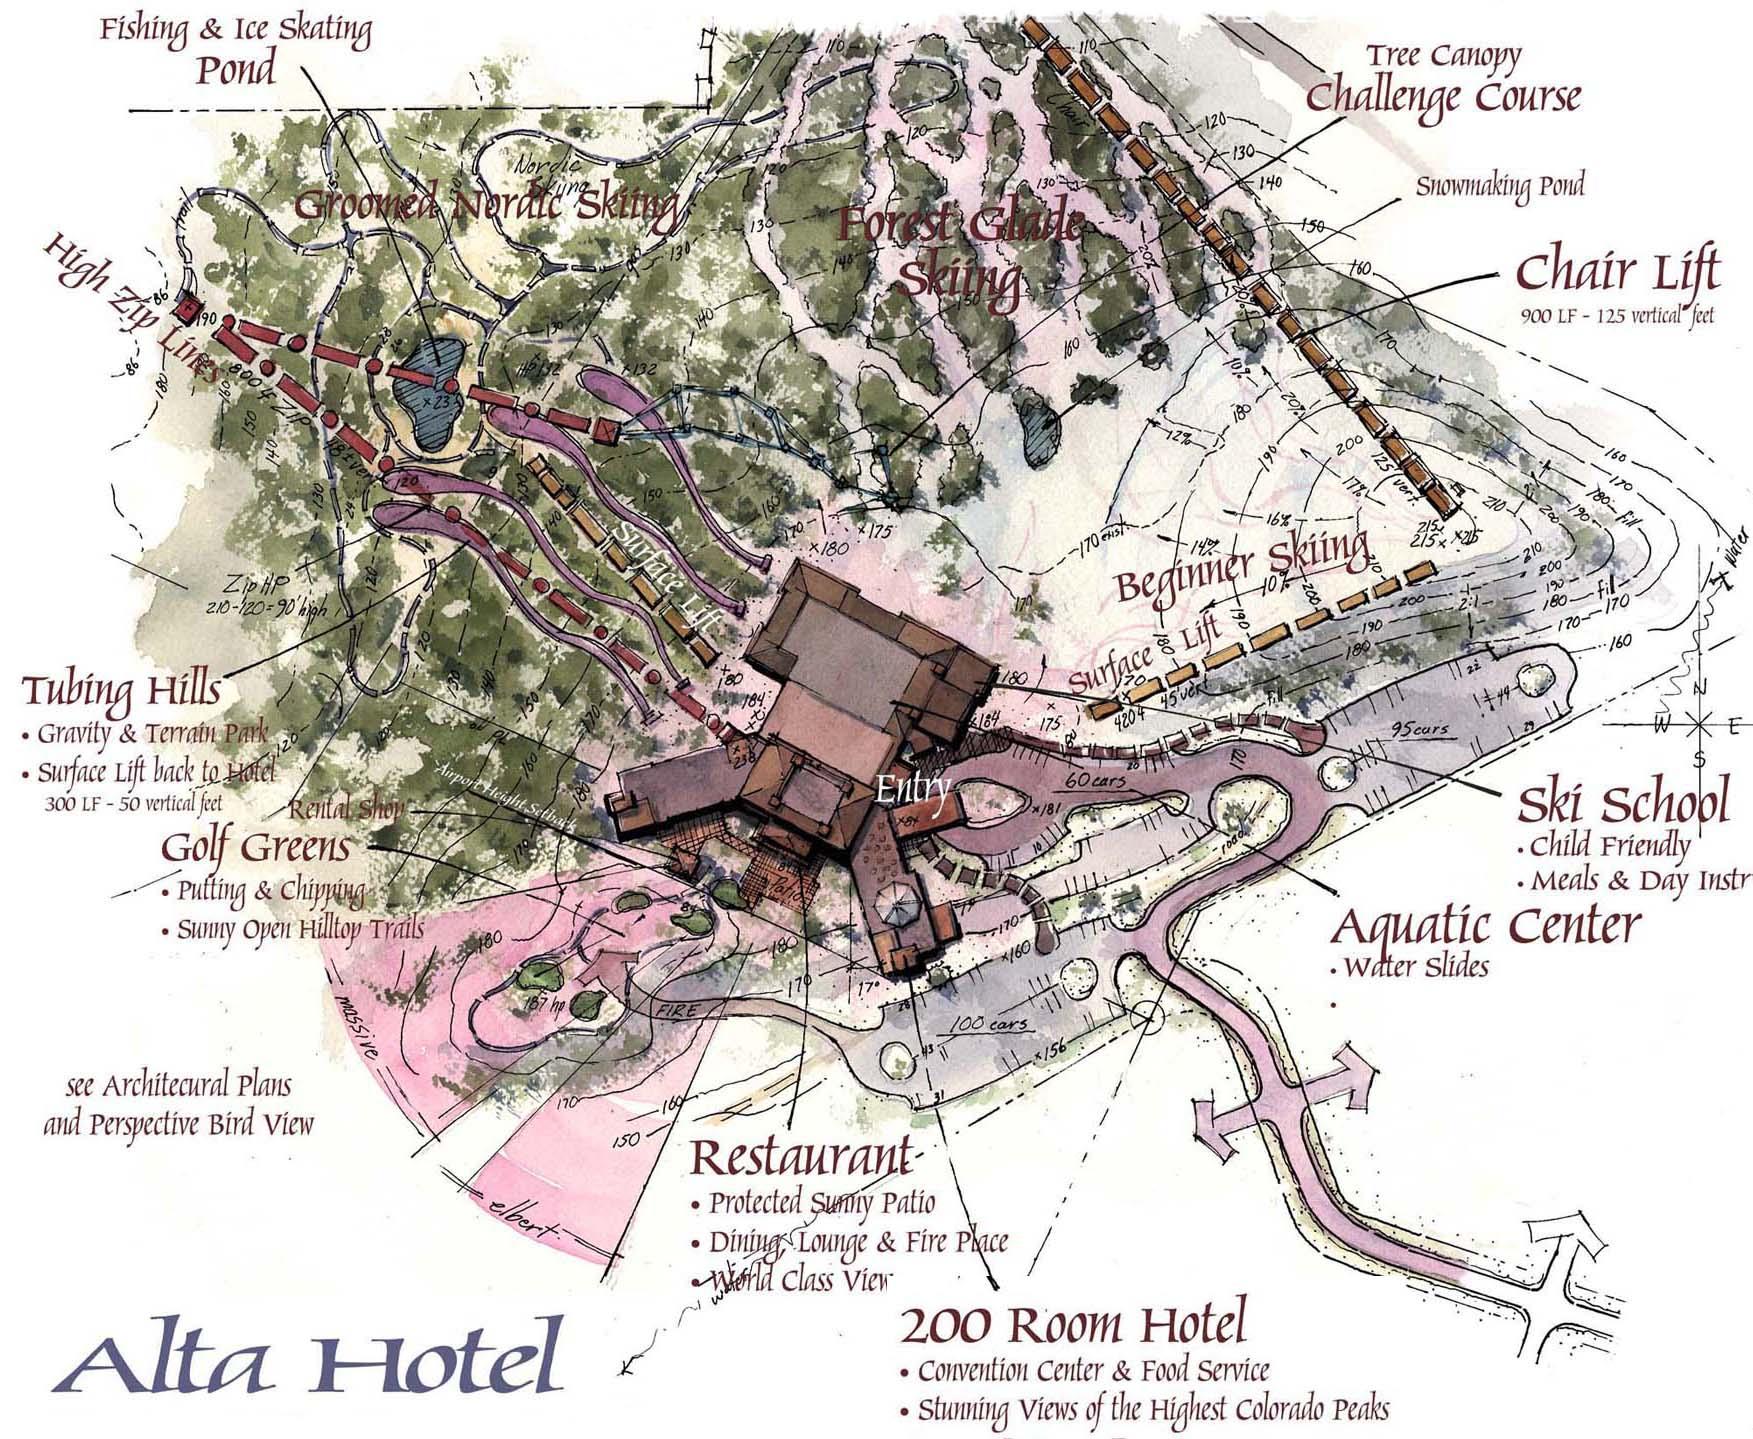 AltaHotel Plan